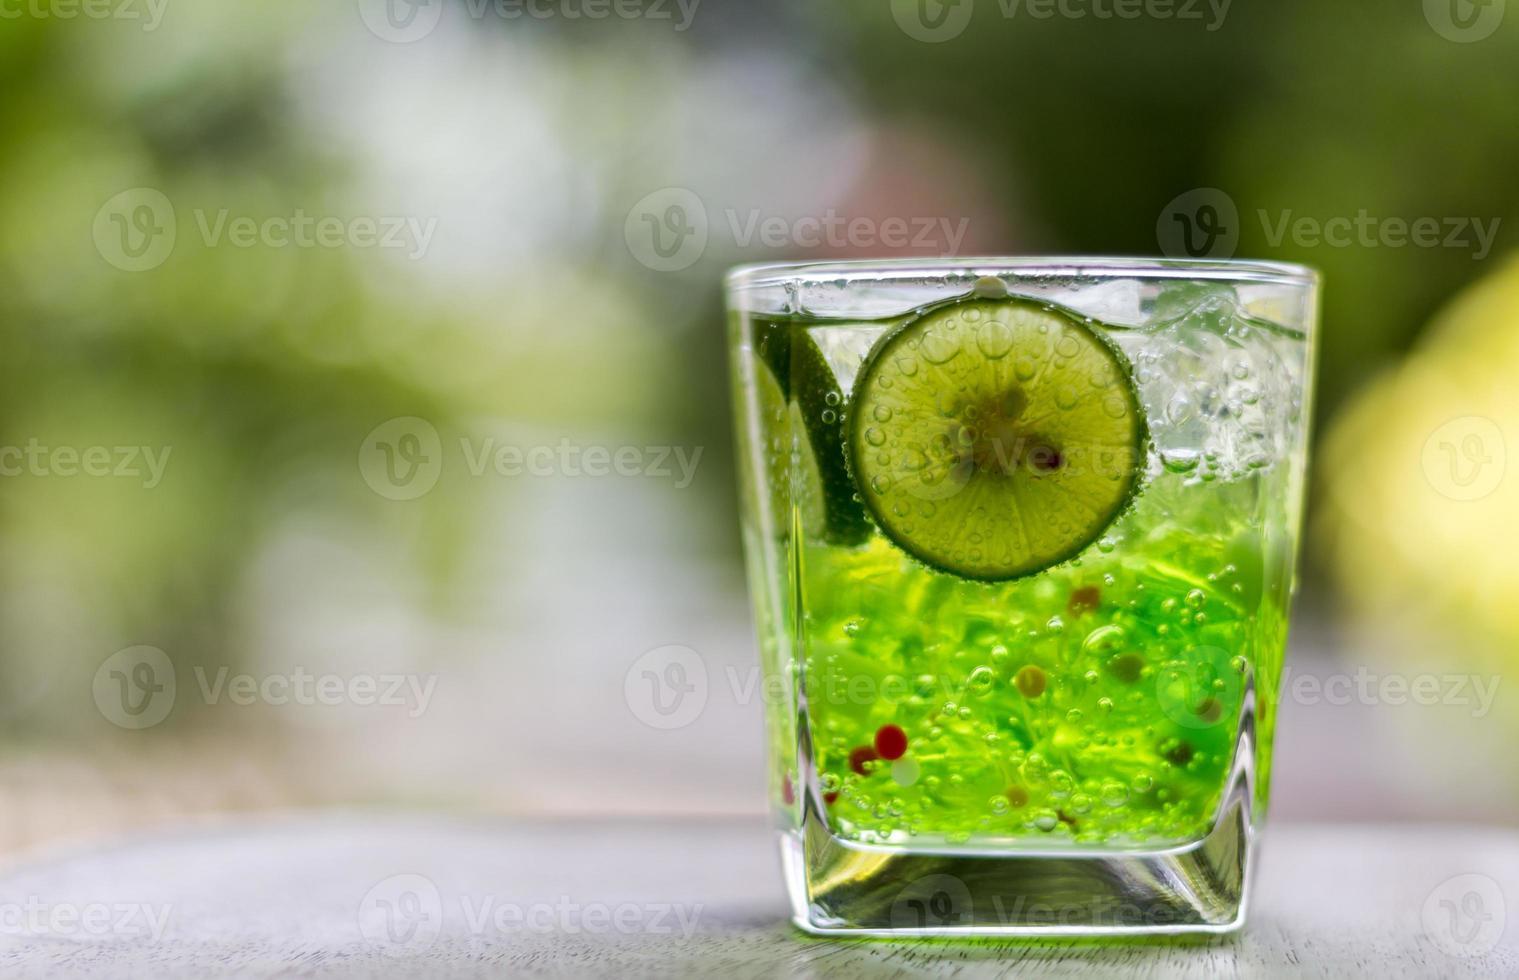 groene verse gelei foto